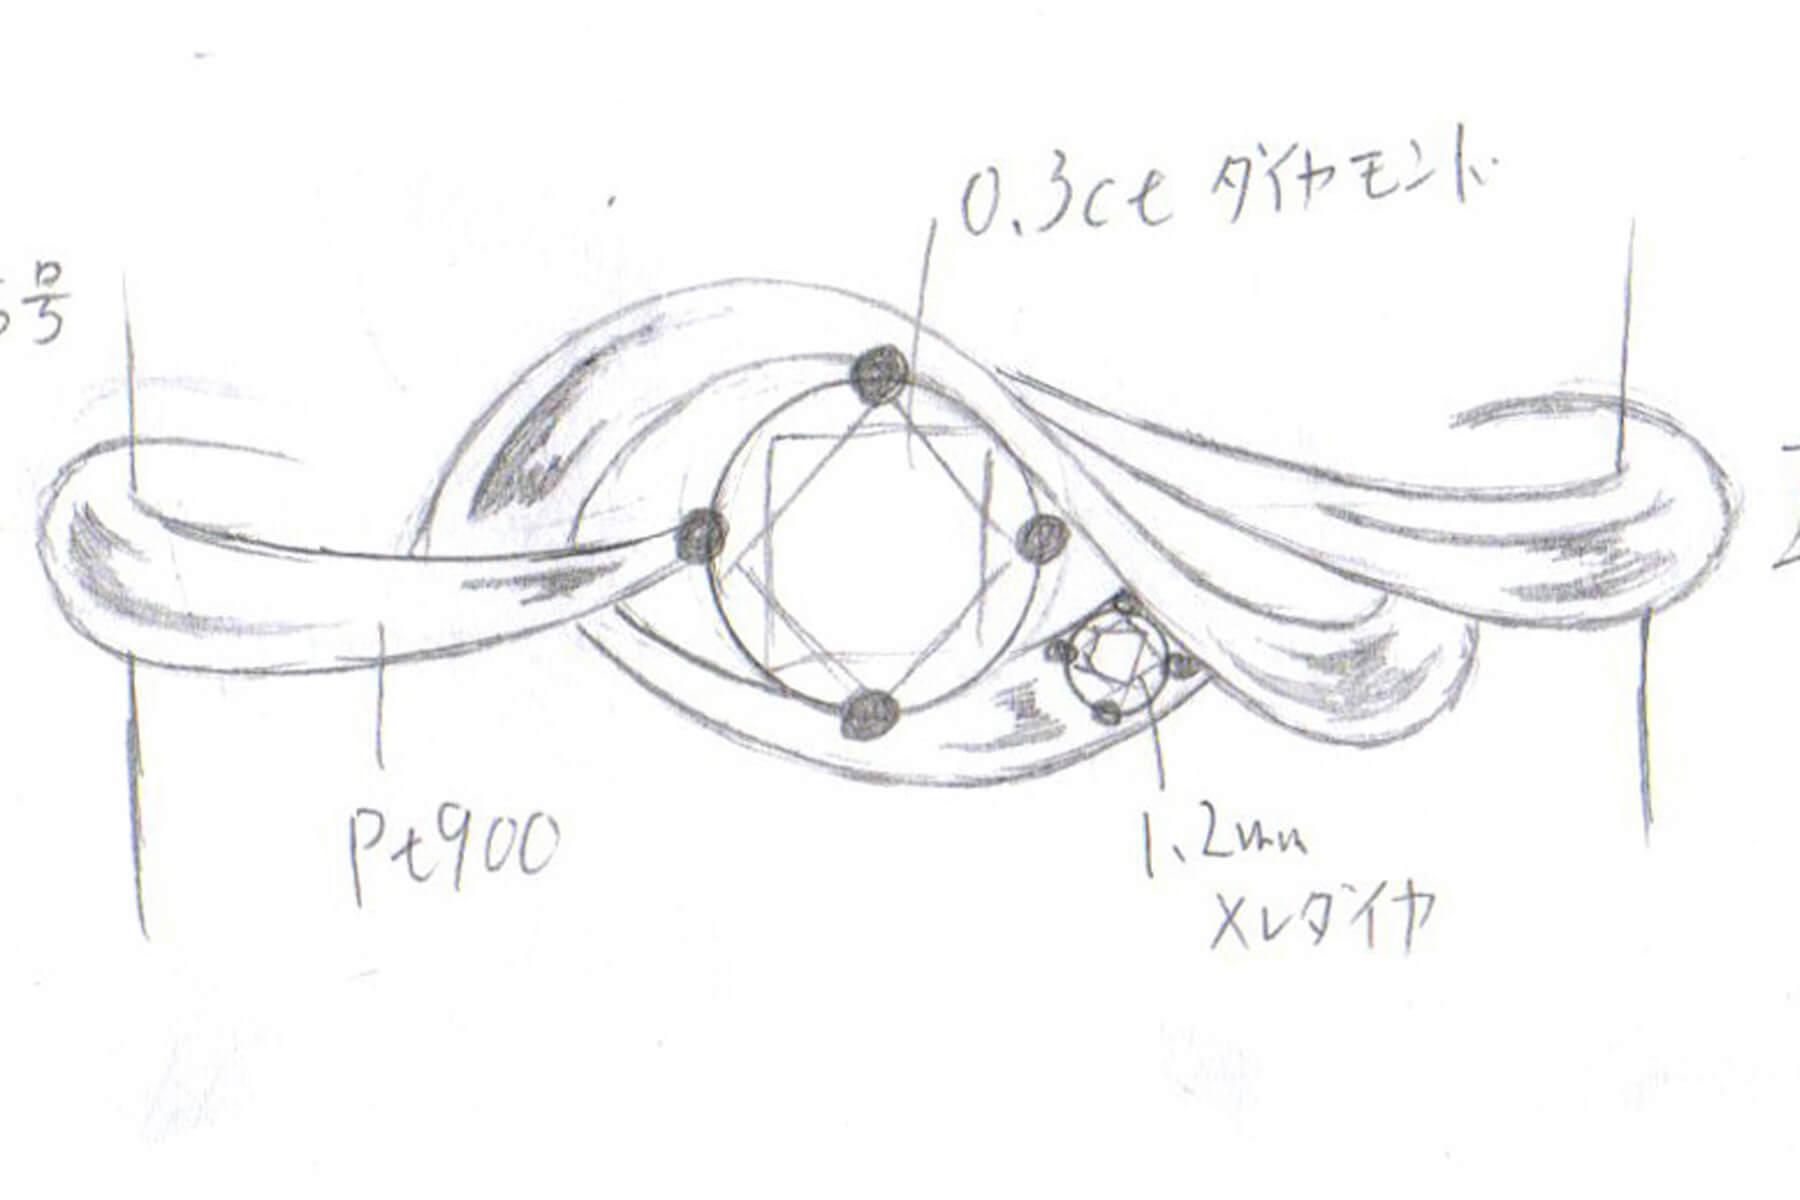 オーダーメイド・製法 | デザイン画作成 | かざりやゆい | 世界に一つだけの結婚指輪「kazariya Yui」 | 福島県郡山市